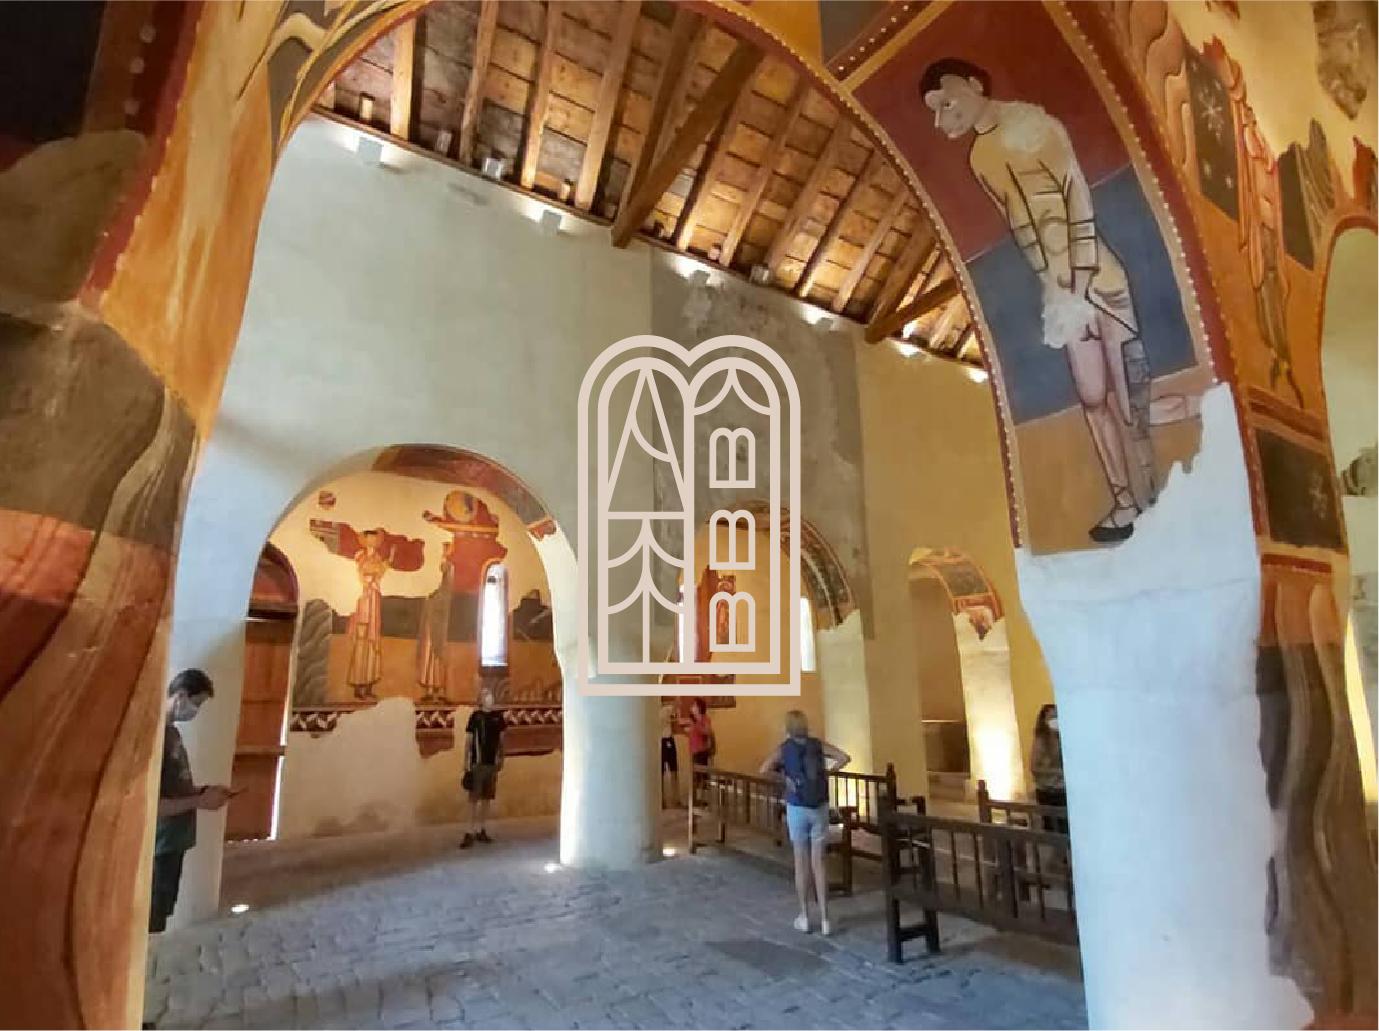 Centre-del-Romanic_Consorci-Patrimoni-Munidal-Vall-de-Boi_2020_branding-Latipo-dest-2